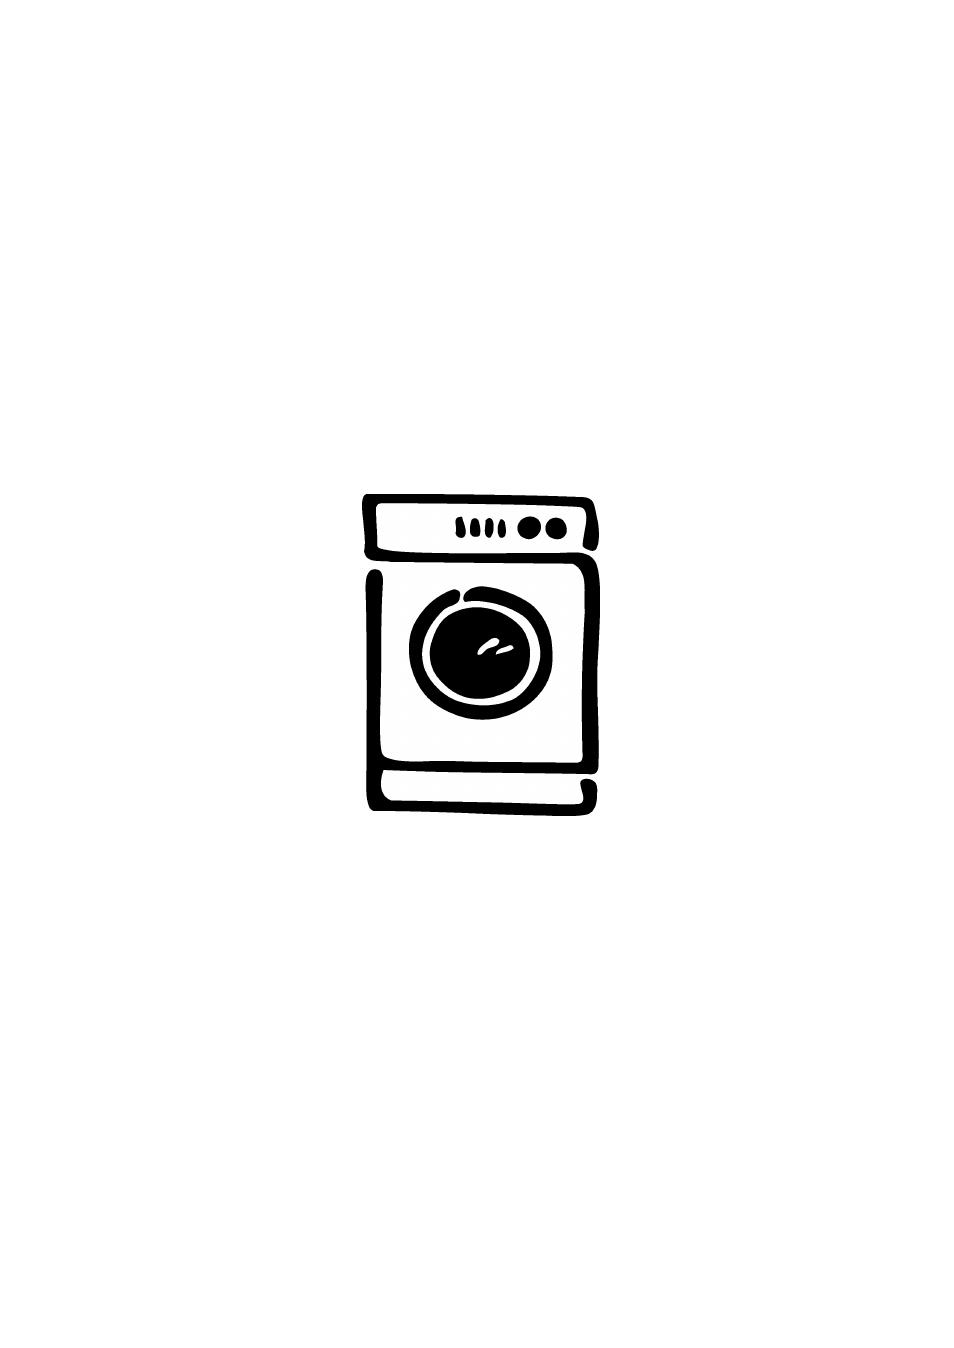 Стиральная Машина Electrolux Ews 1030 инструкция - картинка 4